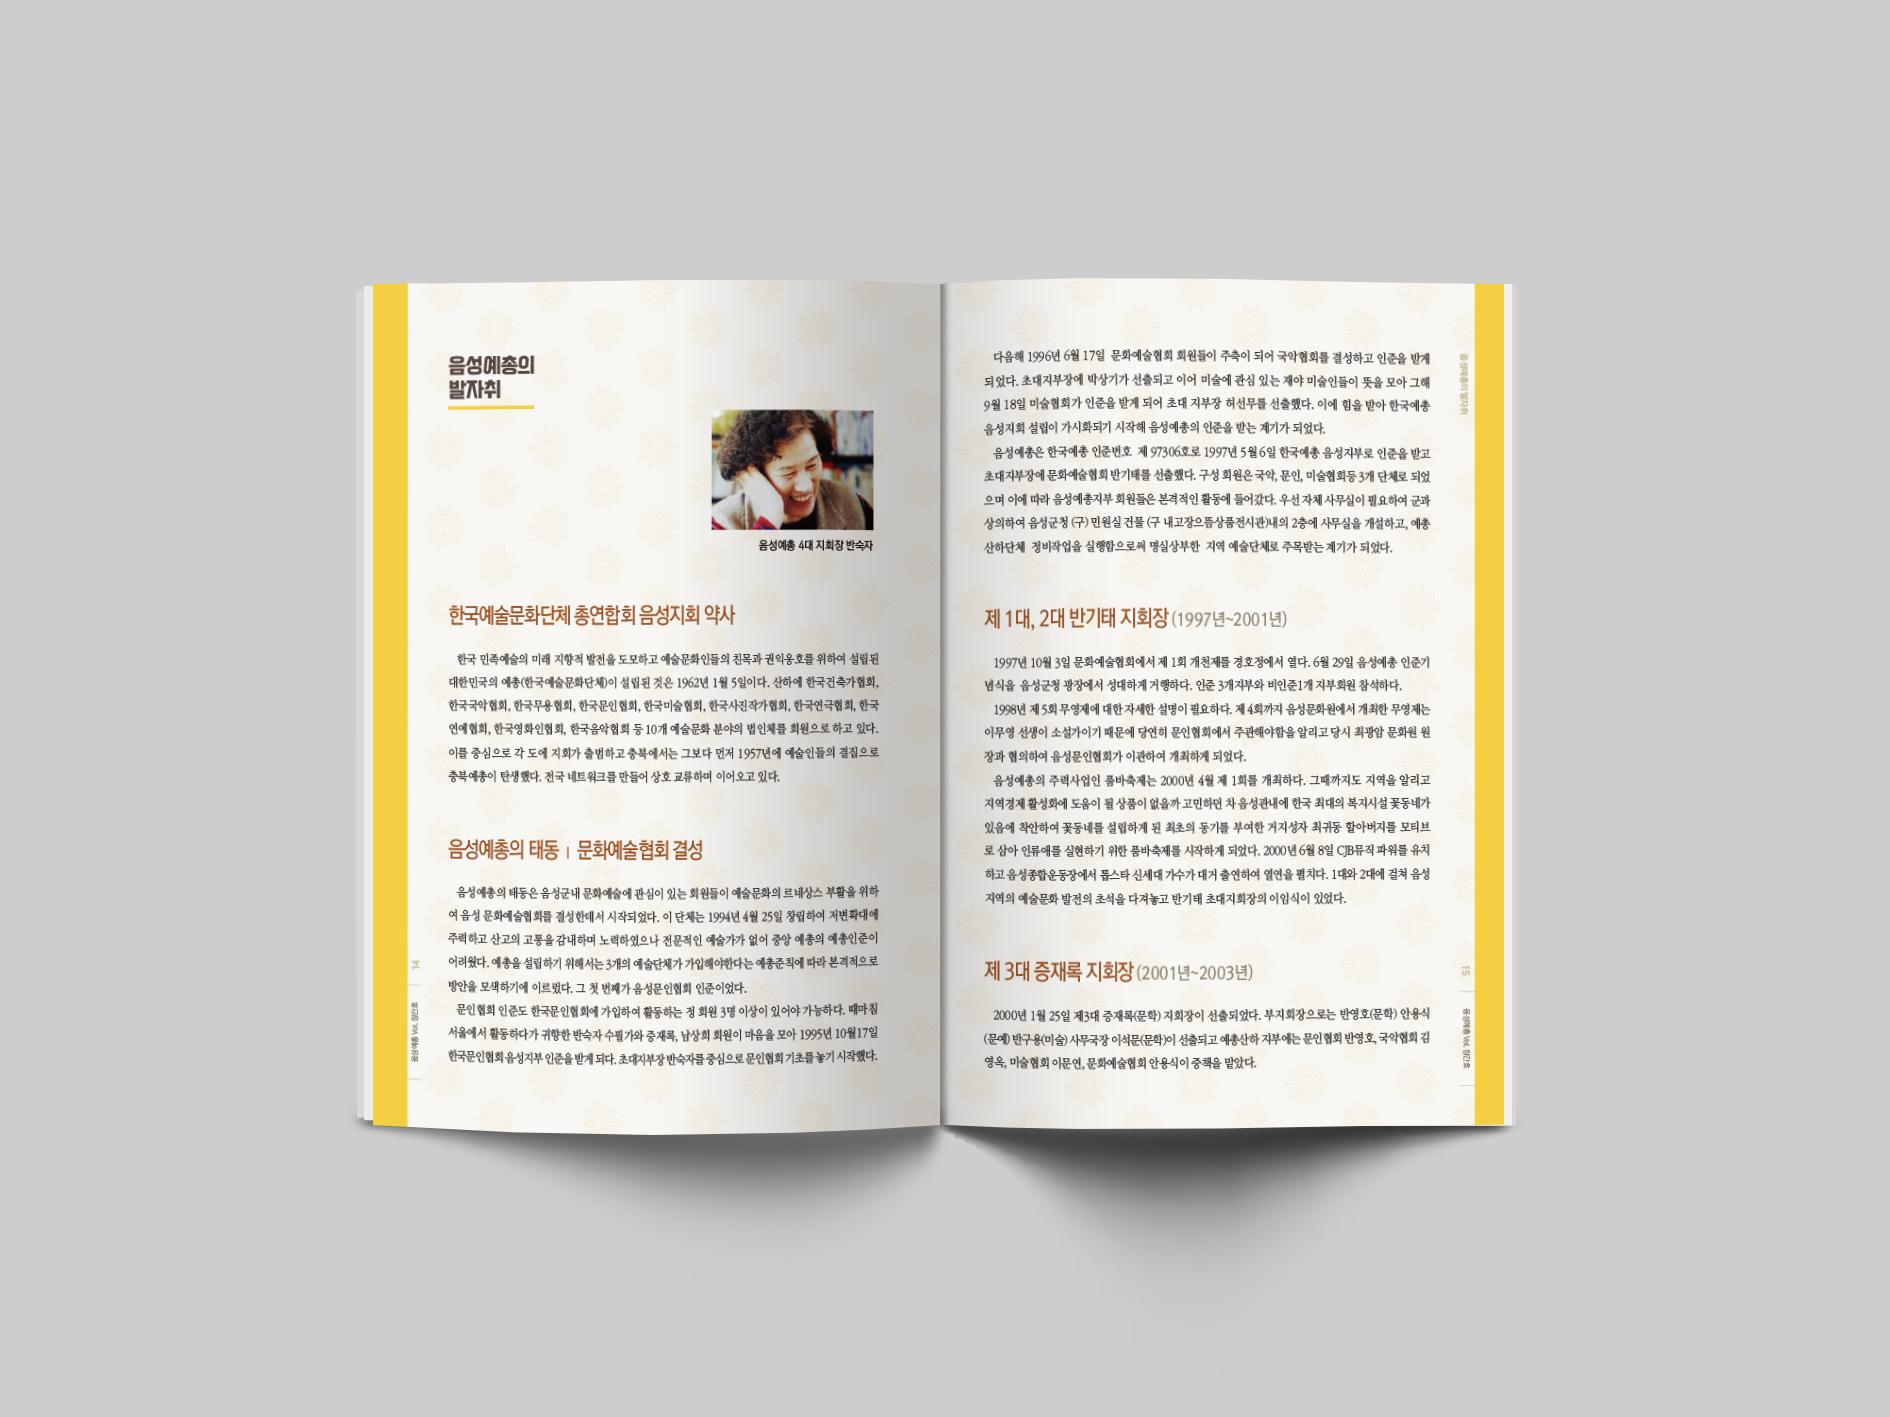 책자-안쪽-펼침면-목업.jpg